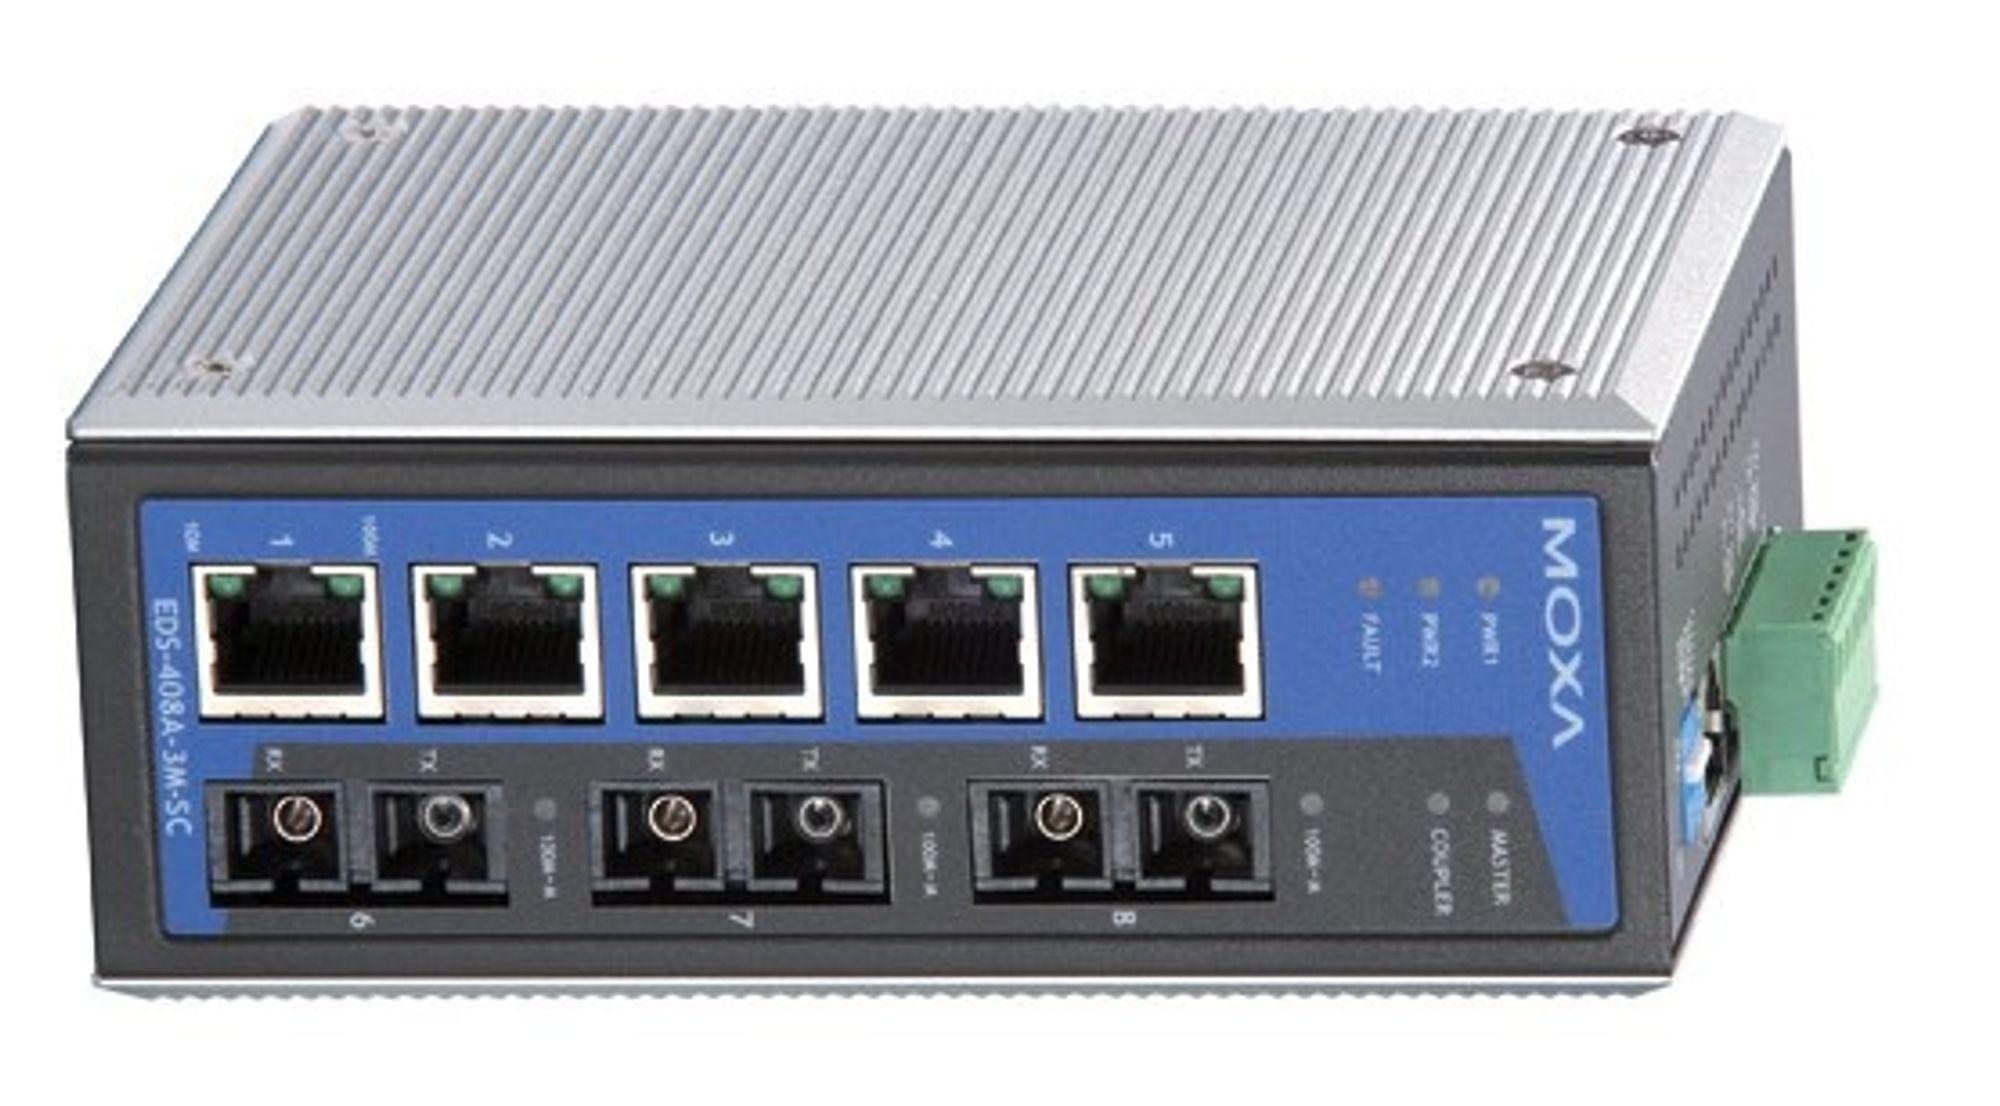 Switch i ATEX-sone 2 kan sende fibersignaler til sone 0 og 1 via en barriere.